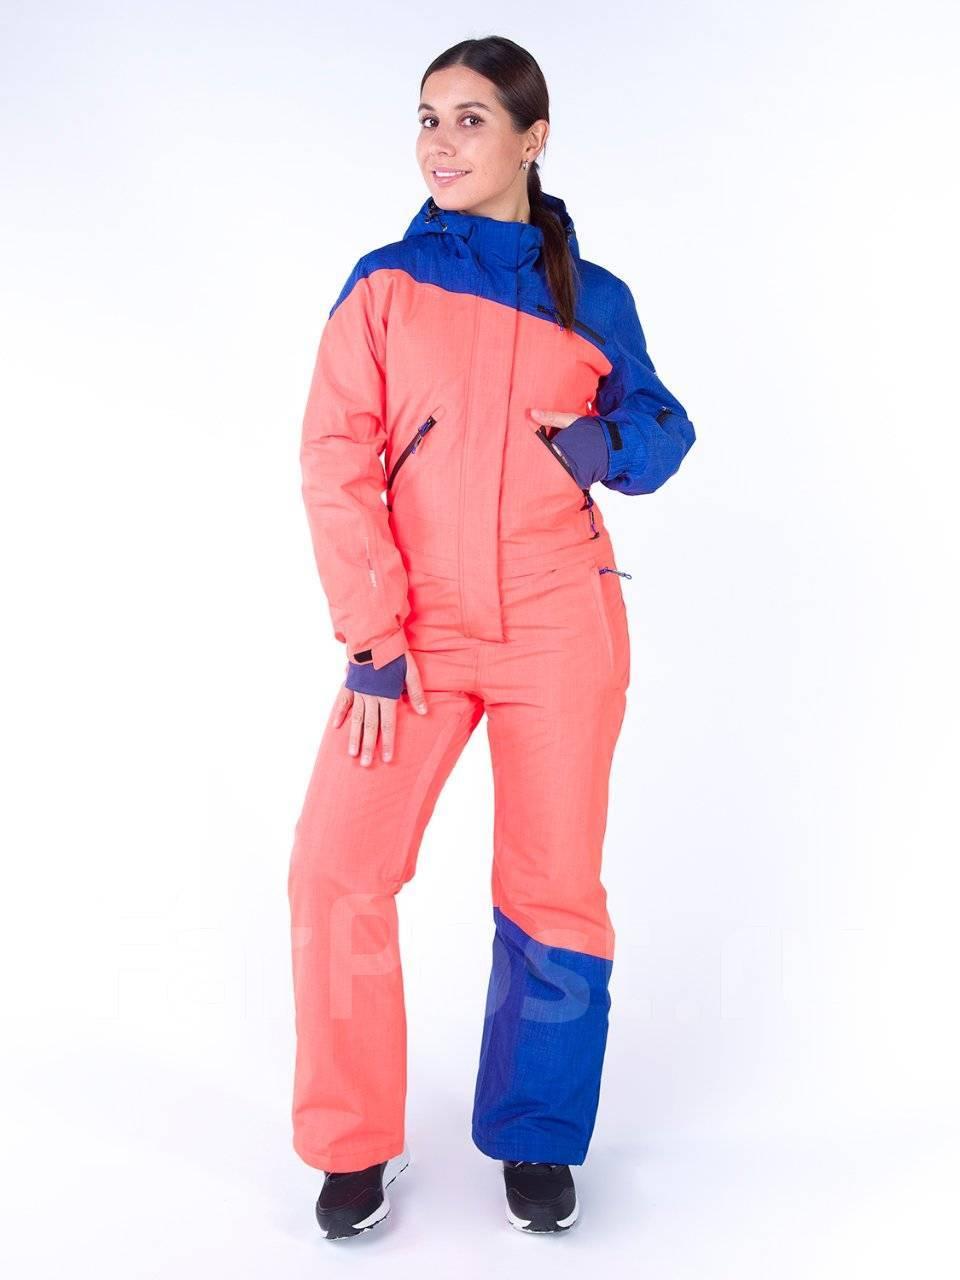 3b2830dab972 Женские комбинезоны для лыж и сноуборда купить в Екатеринбурге. Цены на  новую и б у одежду.